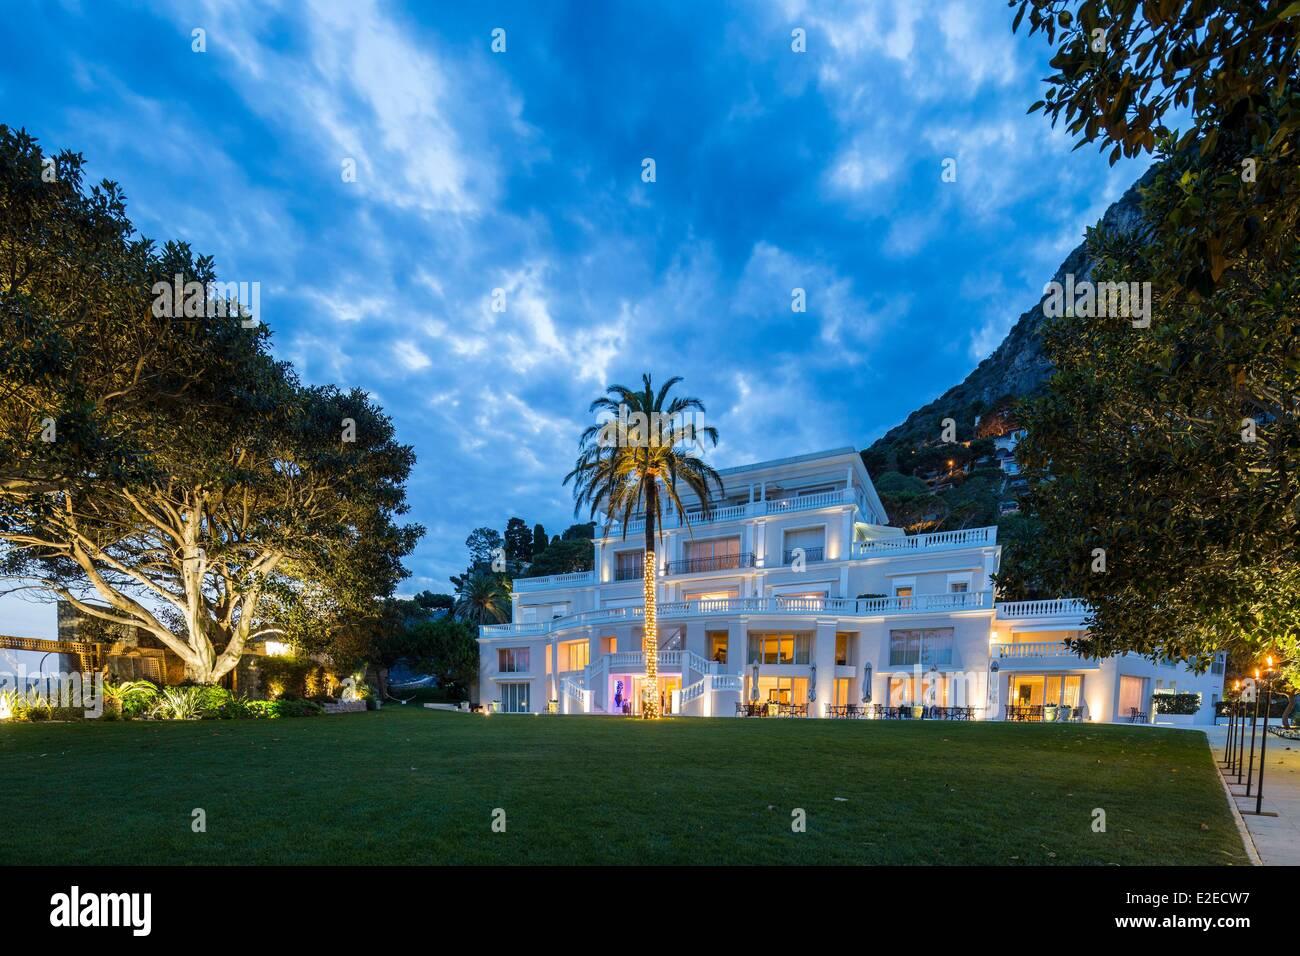 THE 10 BEST Alpes Maritimes Hotel Deals (Jun 2019 ...